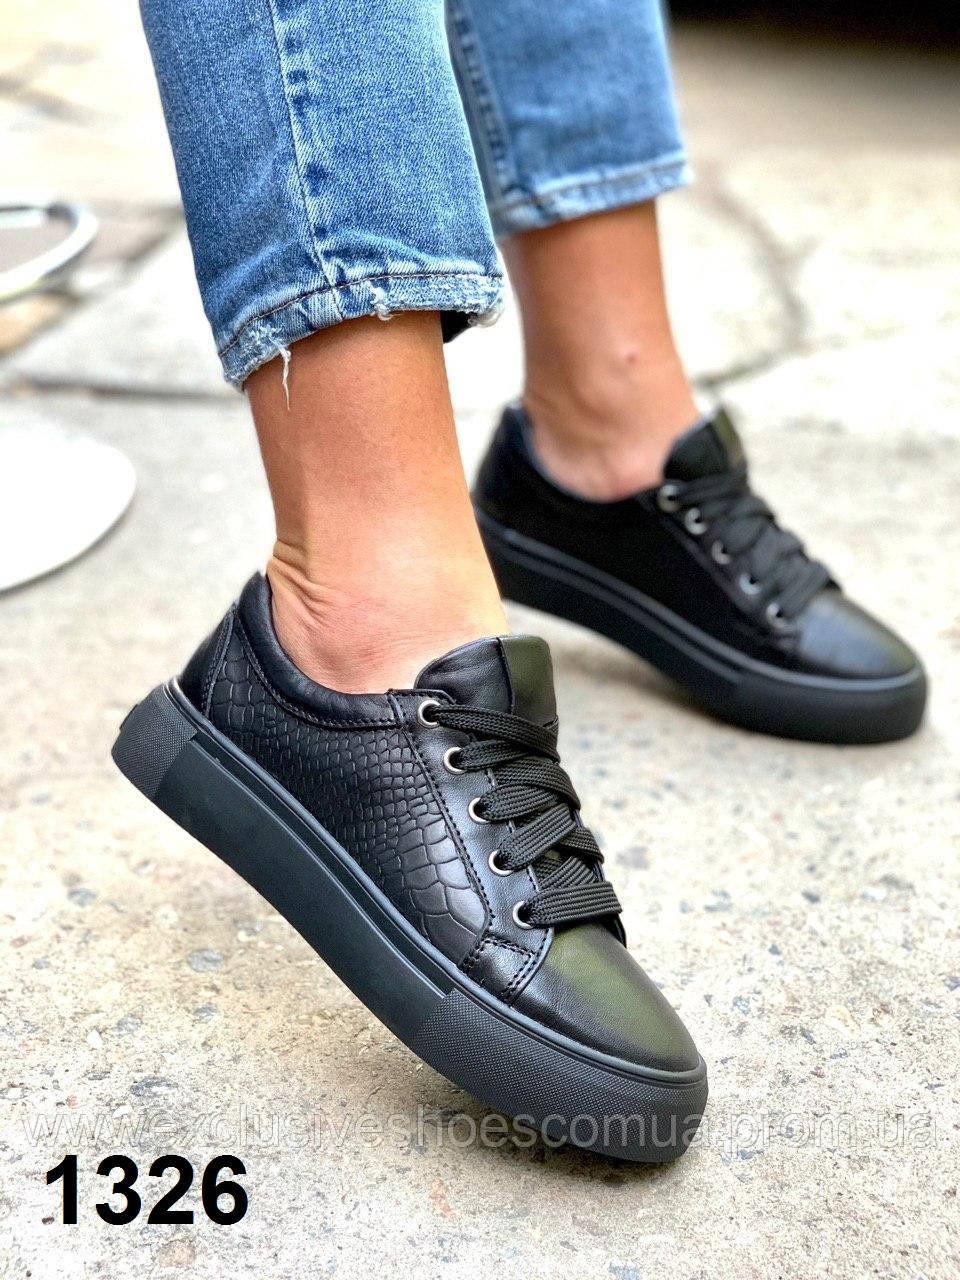 Кеди жіночі шкіряні чорні на шнурках